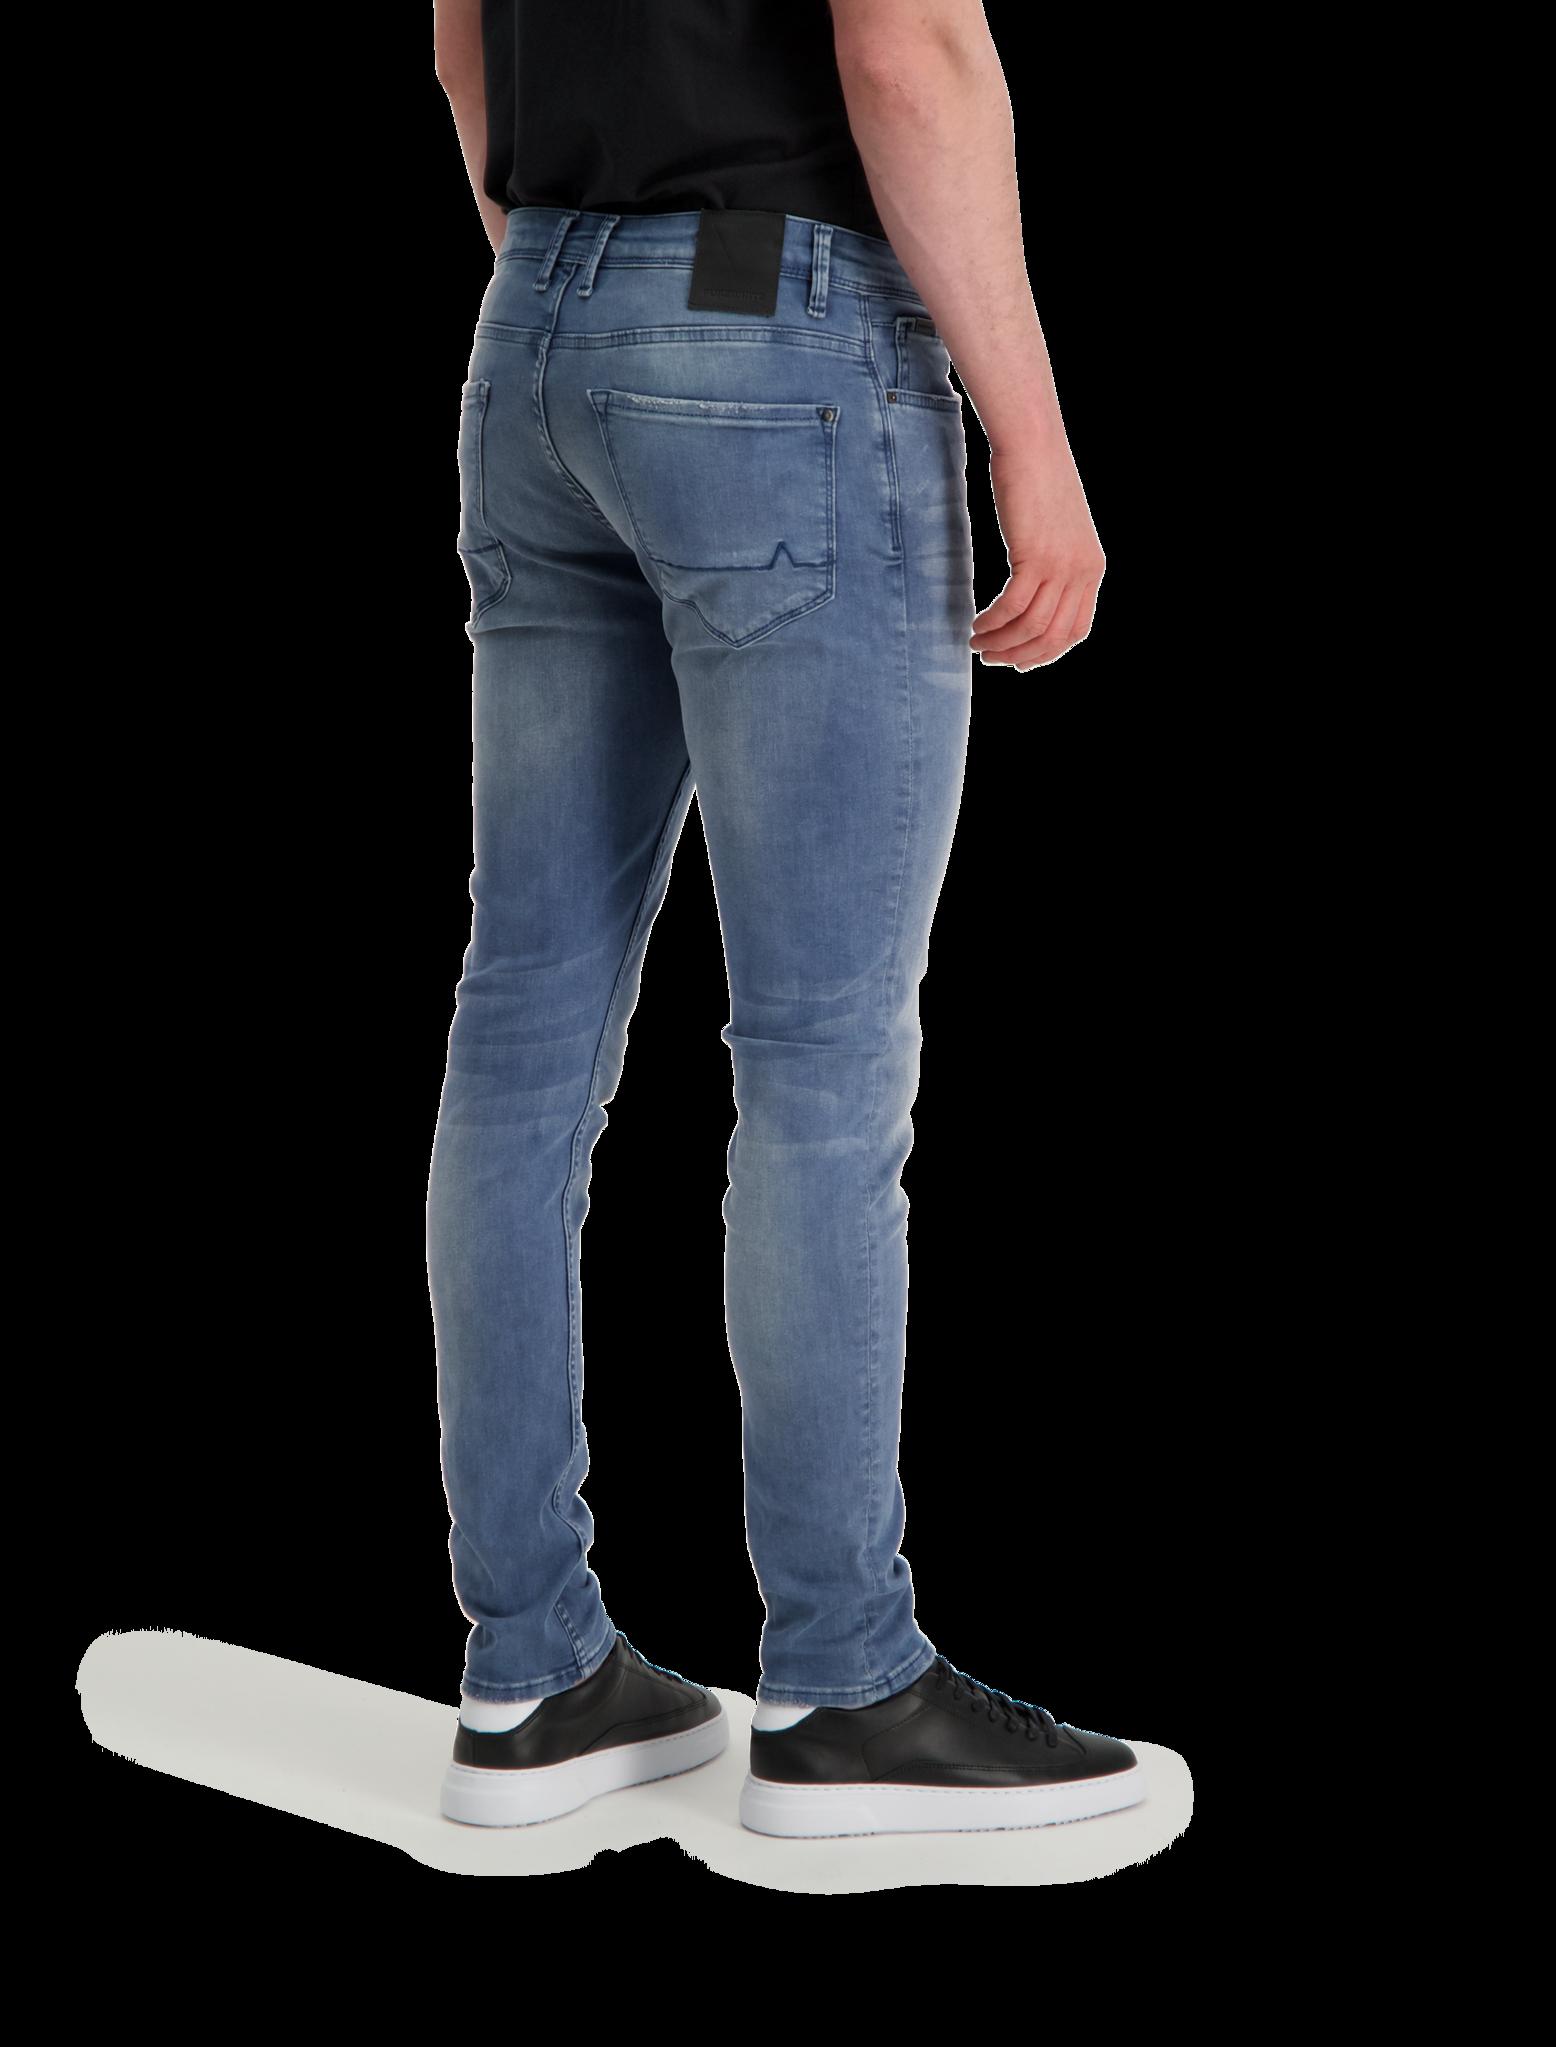 Purewhite Pure White The Jone W0386 Jeans Blue